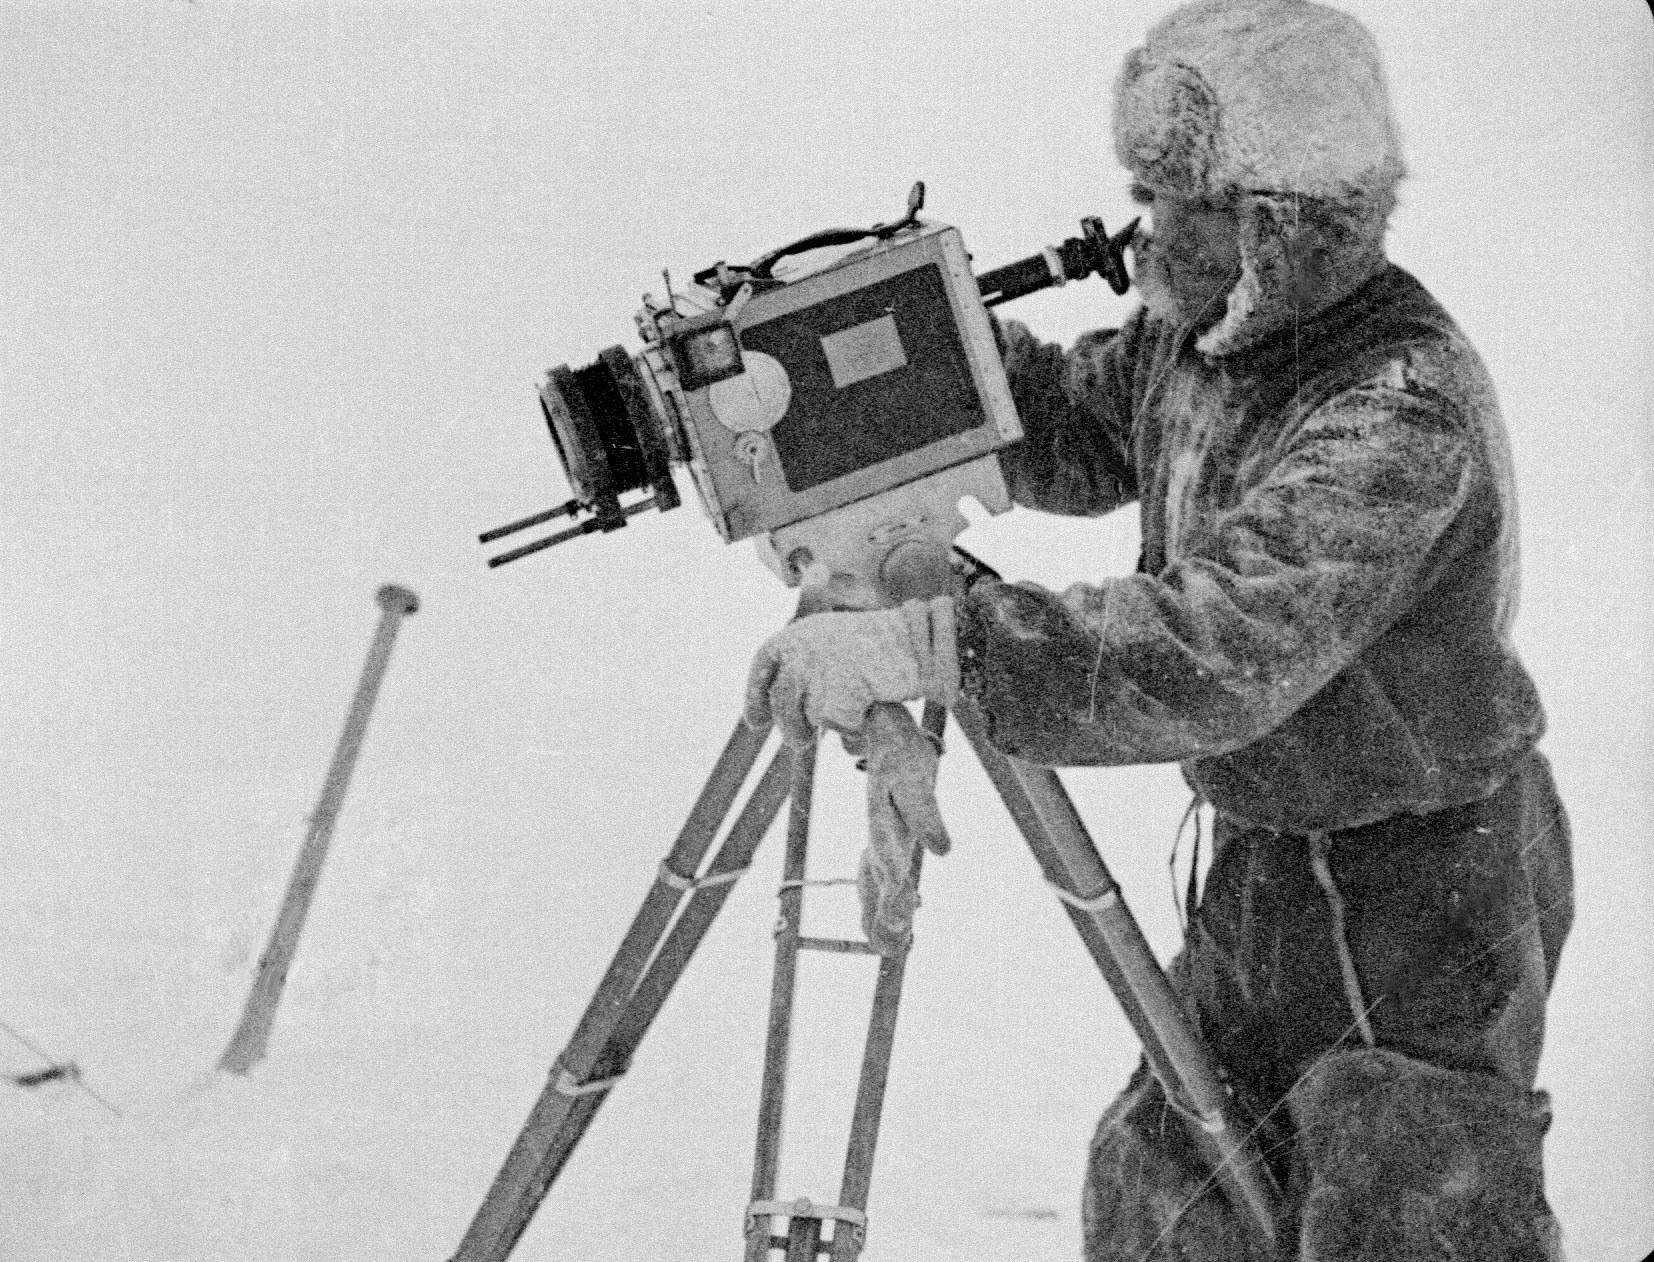 Экспонат #75. Марк Антонович Трояновский. СП-1. «Папанинцы». 1937 год